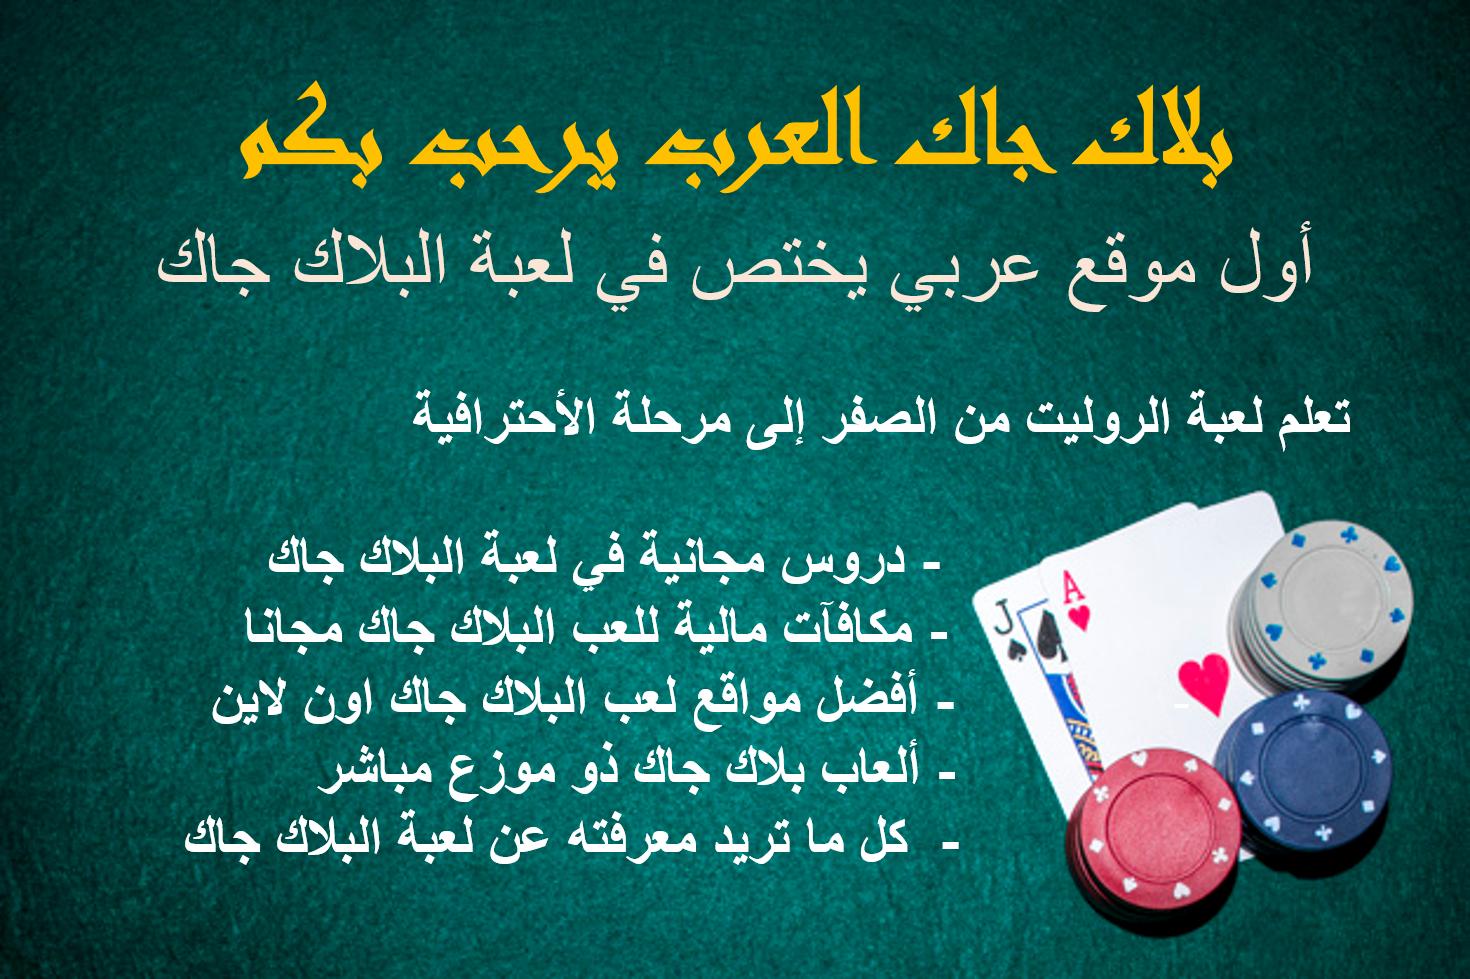 لعبة قمار للاندرويد - 70463